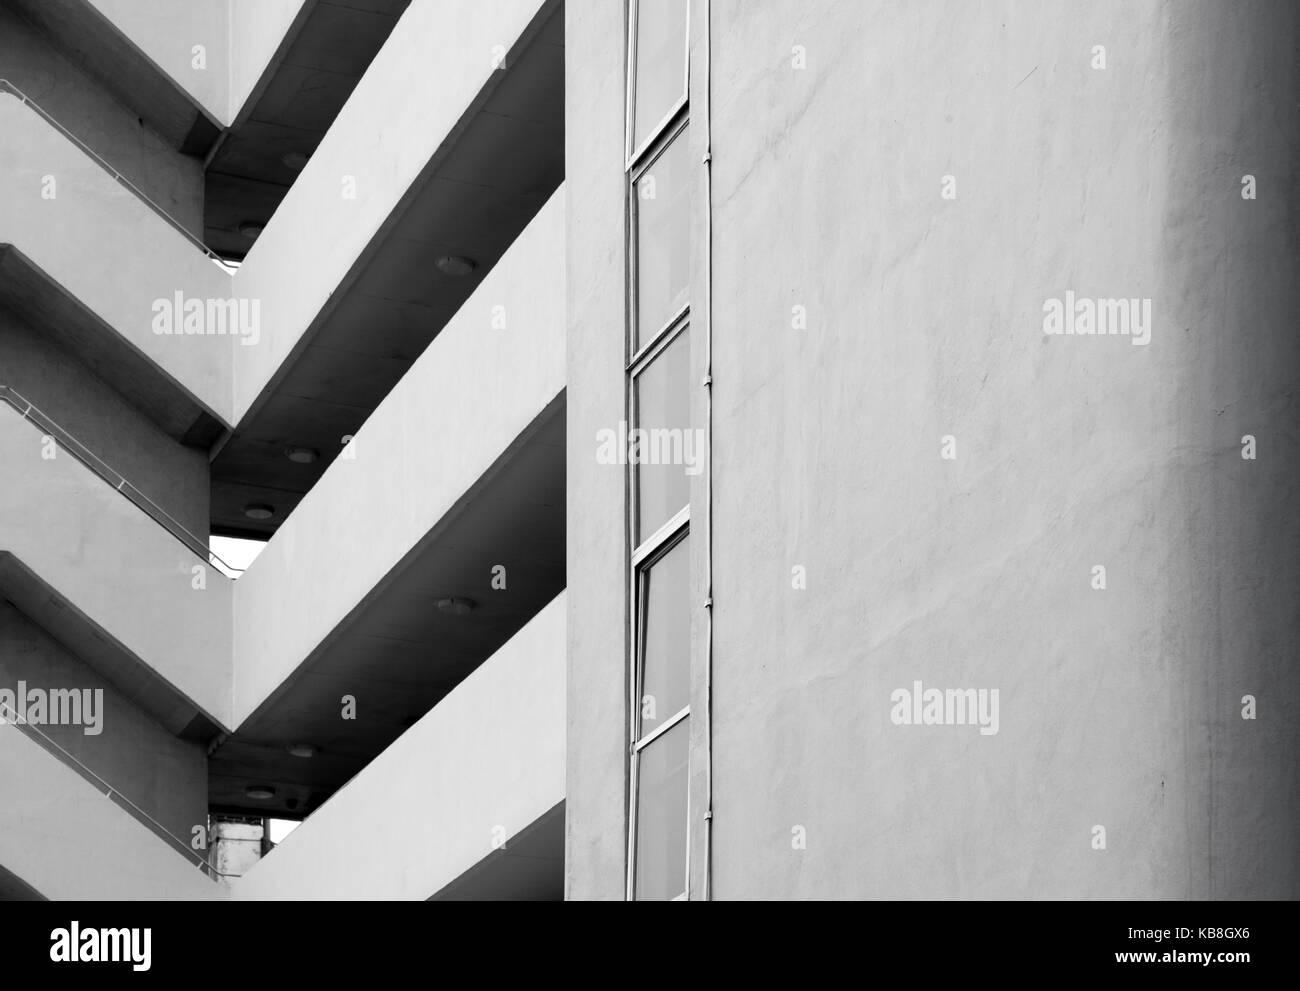 Corte de la embajada wells coates / modernista obra maestra del art deco en Brighton Foto de stock